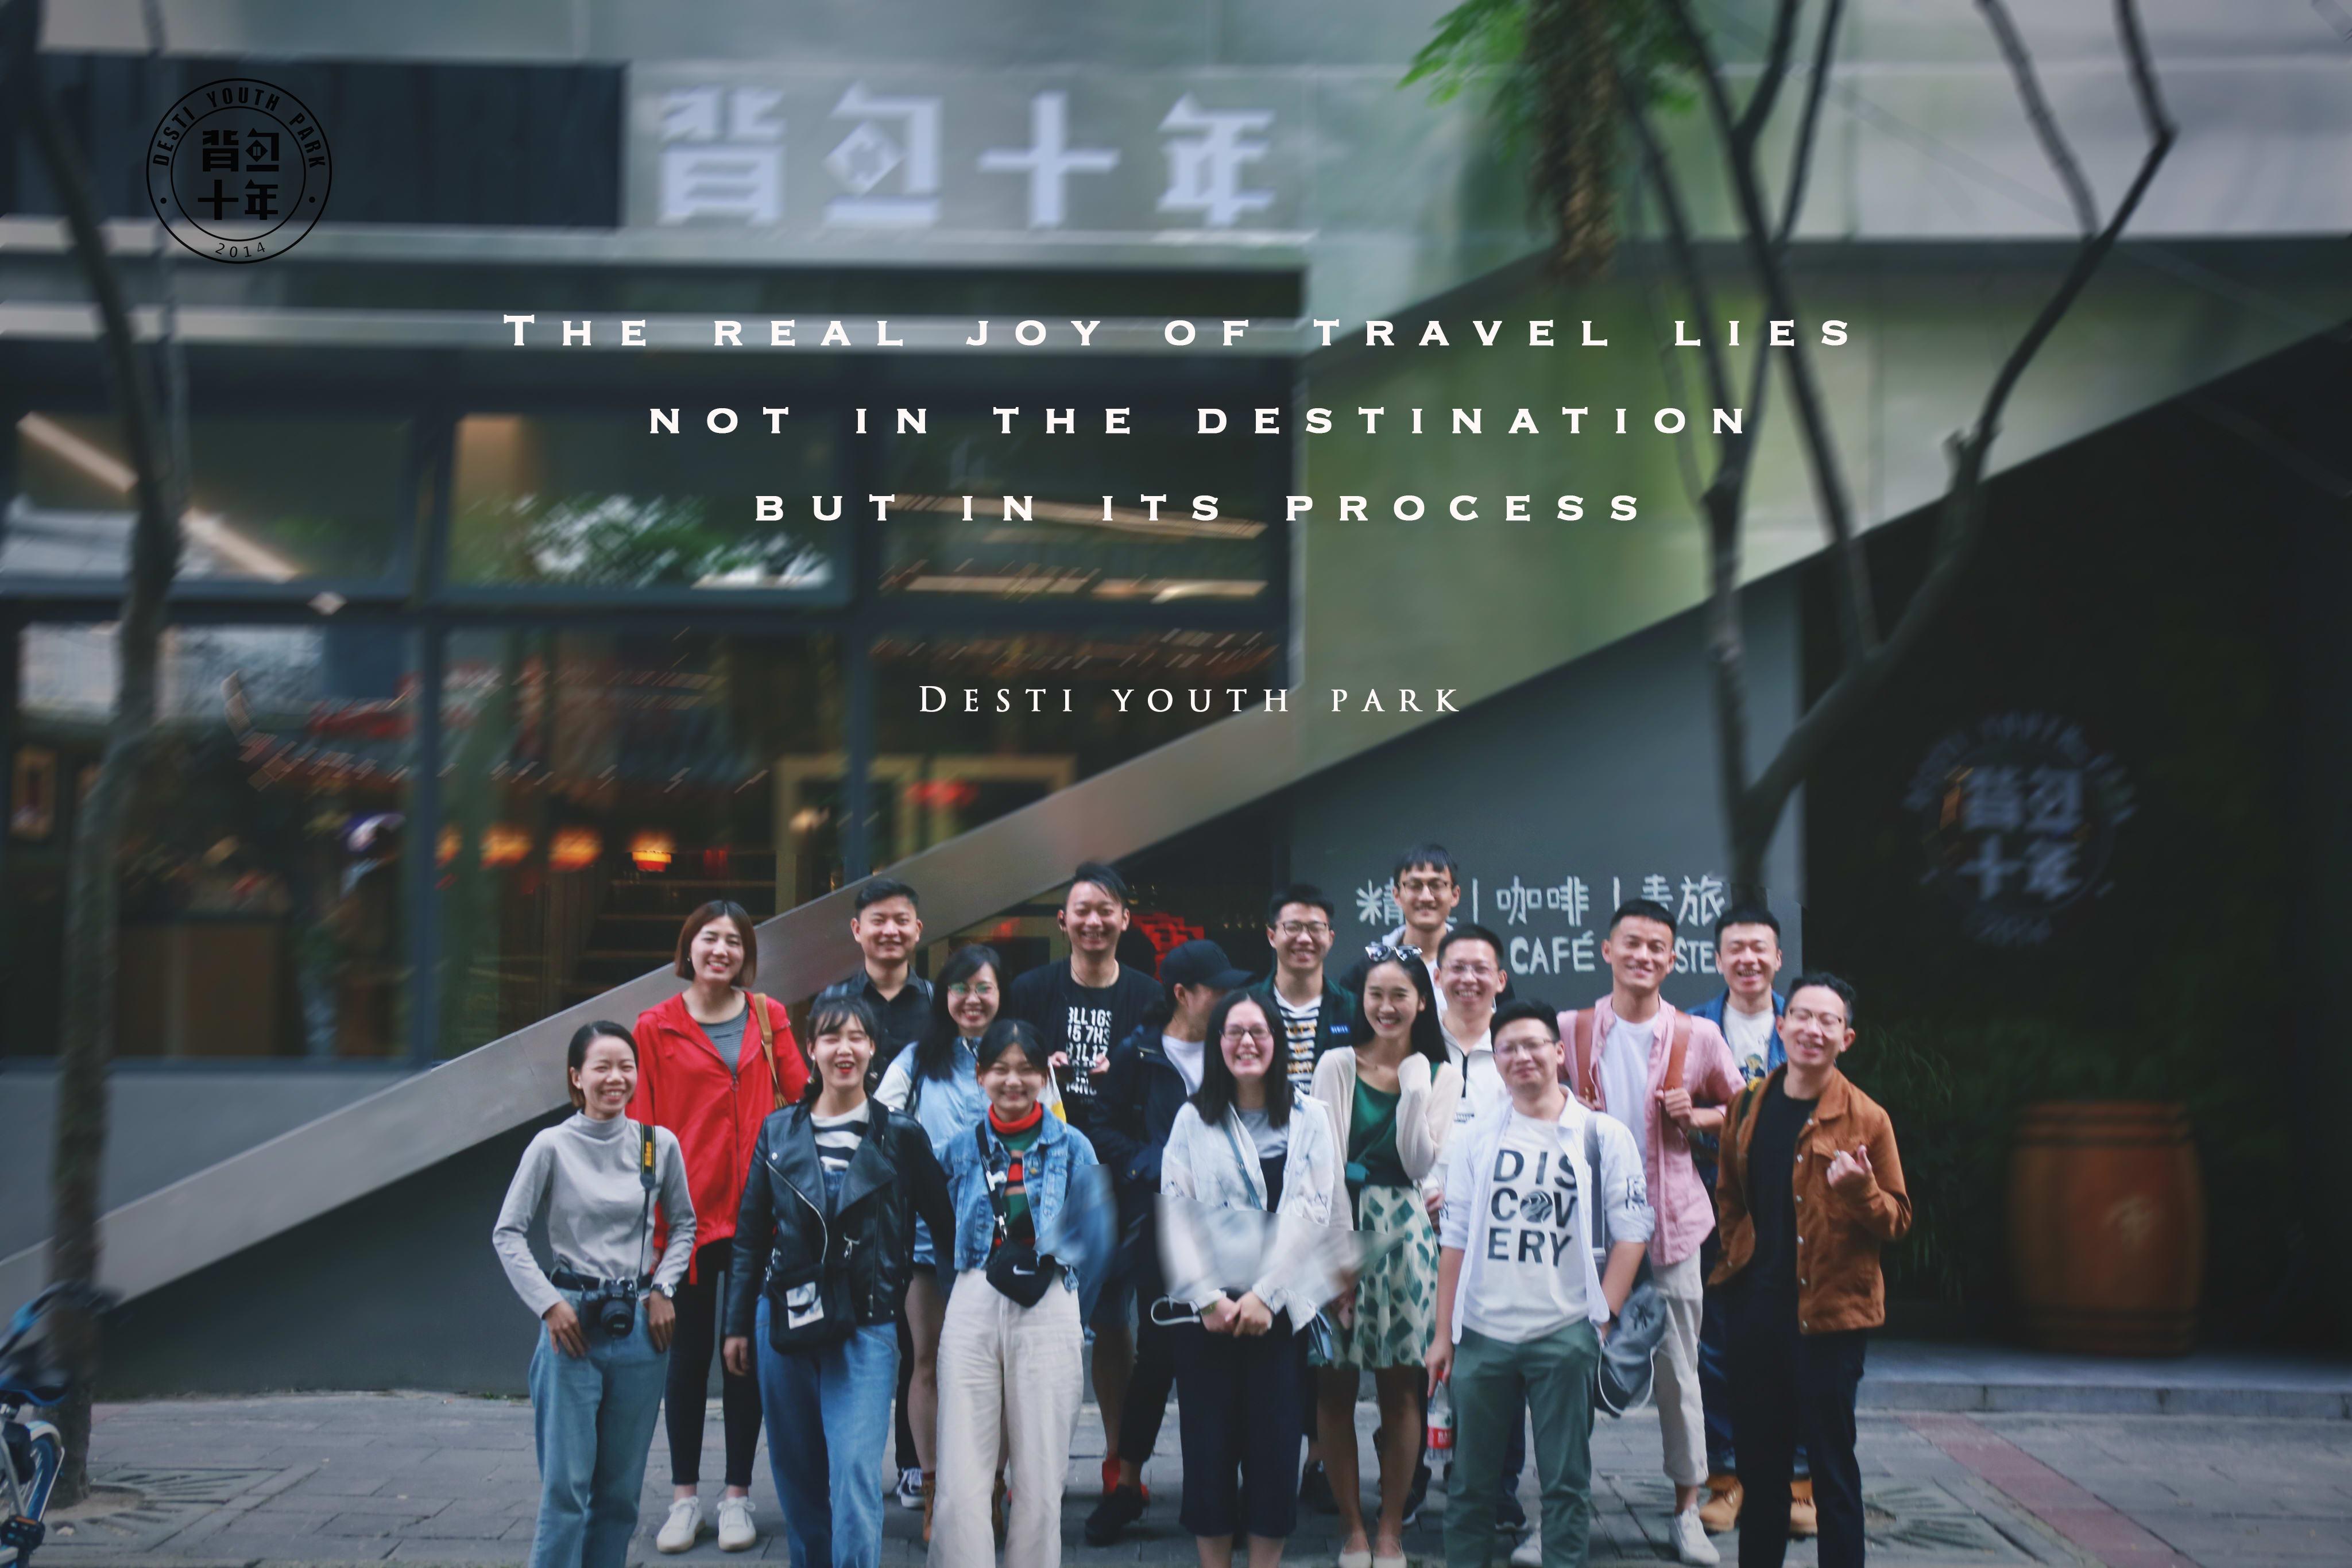 HOSTEL - Desti Youth Park(Chengdu)